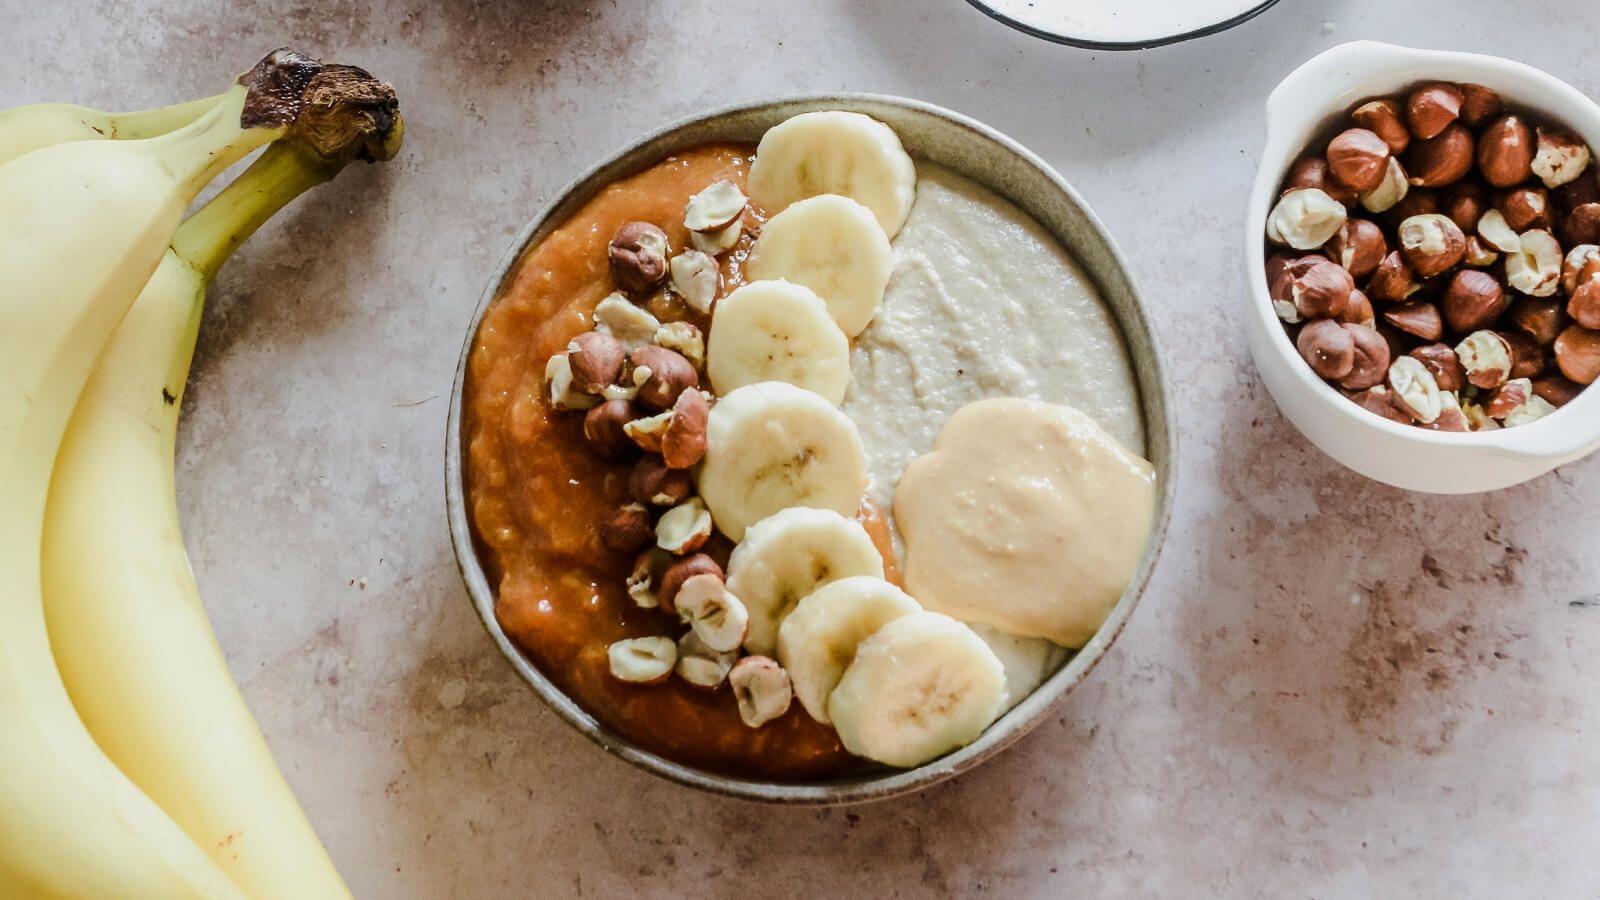 Bananowy budyń jaglany z musem morelowo-brzoskwiniowym i masłem orzechowym